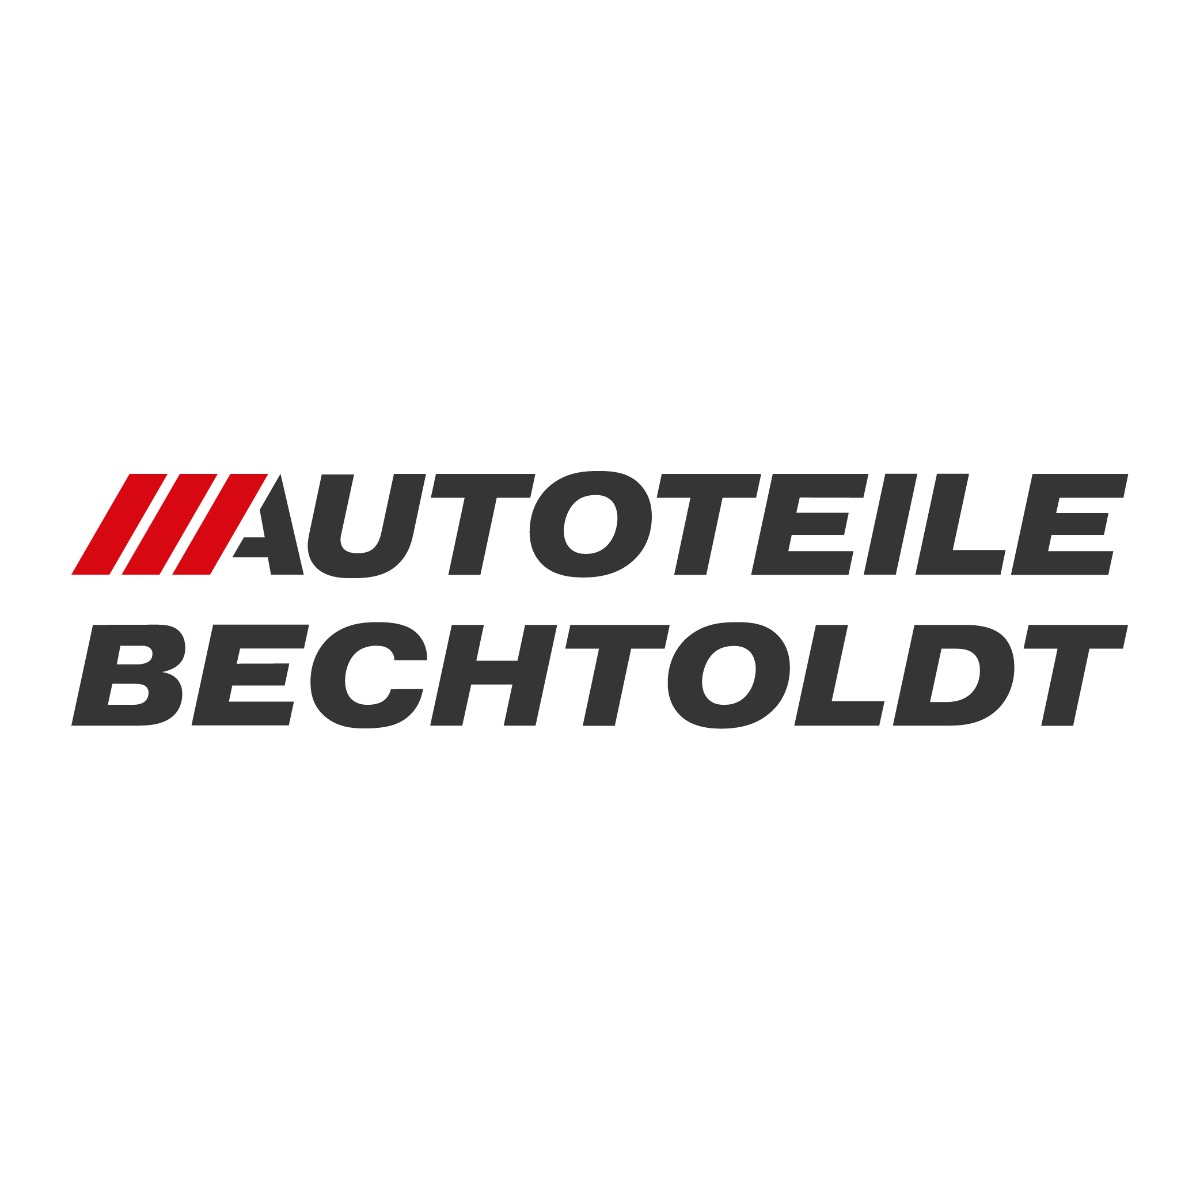 Autoteile Bechtoldt GmbH